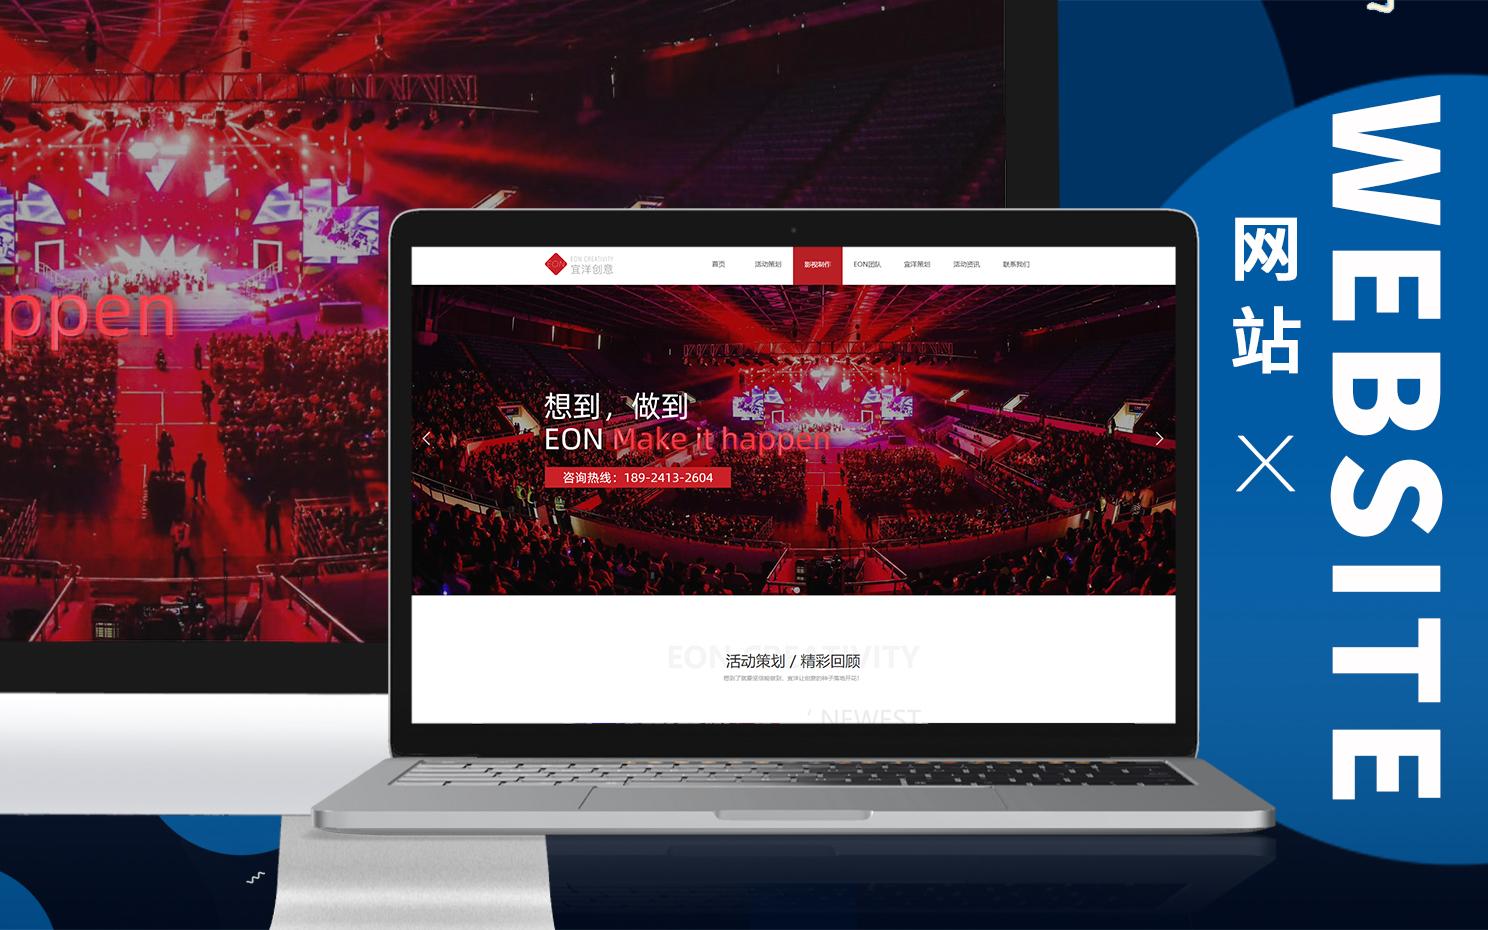 网站建设网站开发企业网站手机商城网站开发官网网站制作营销网站